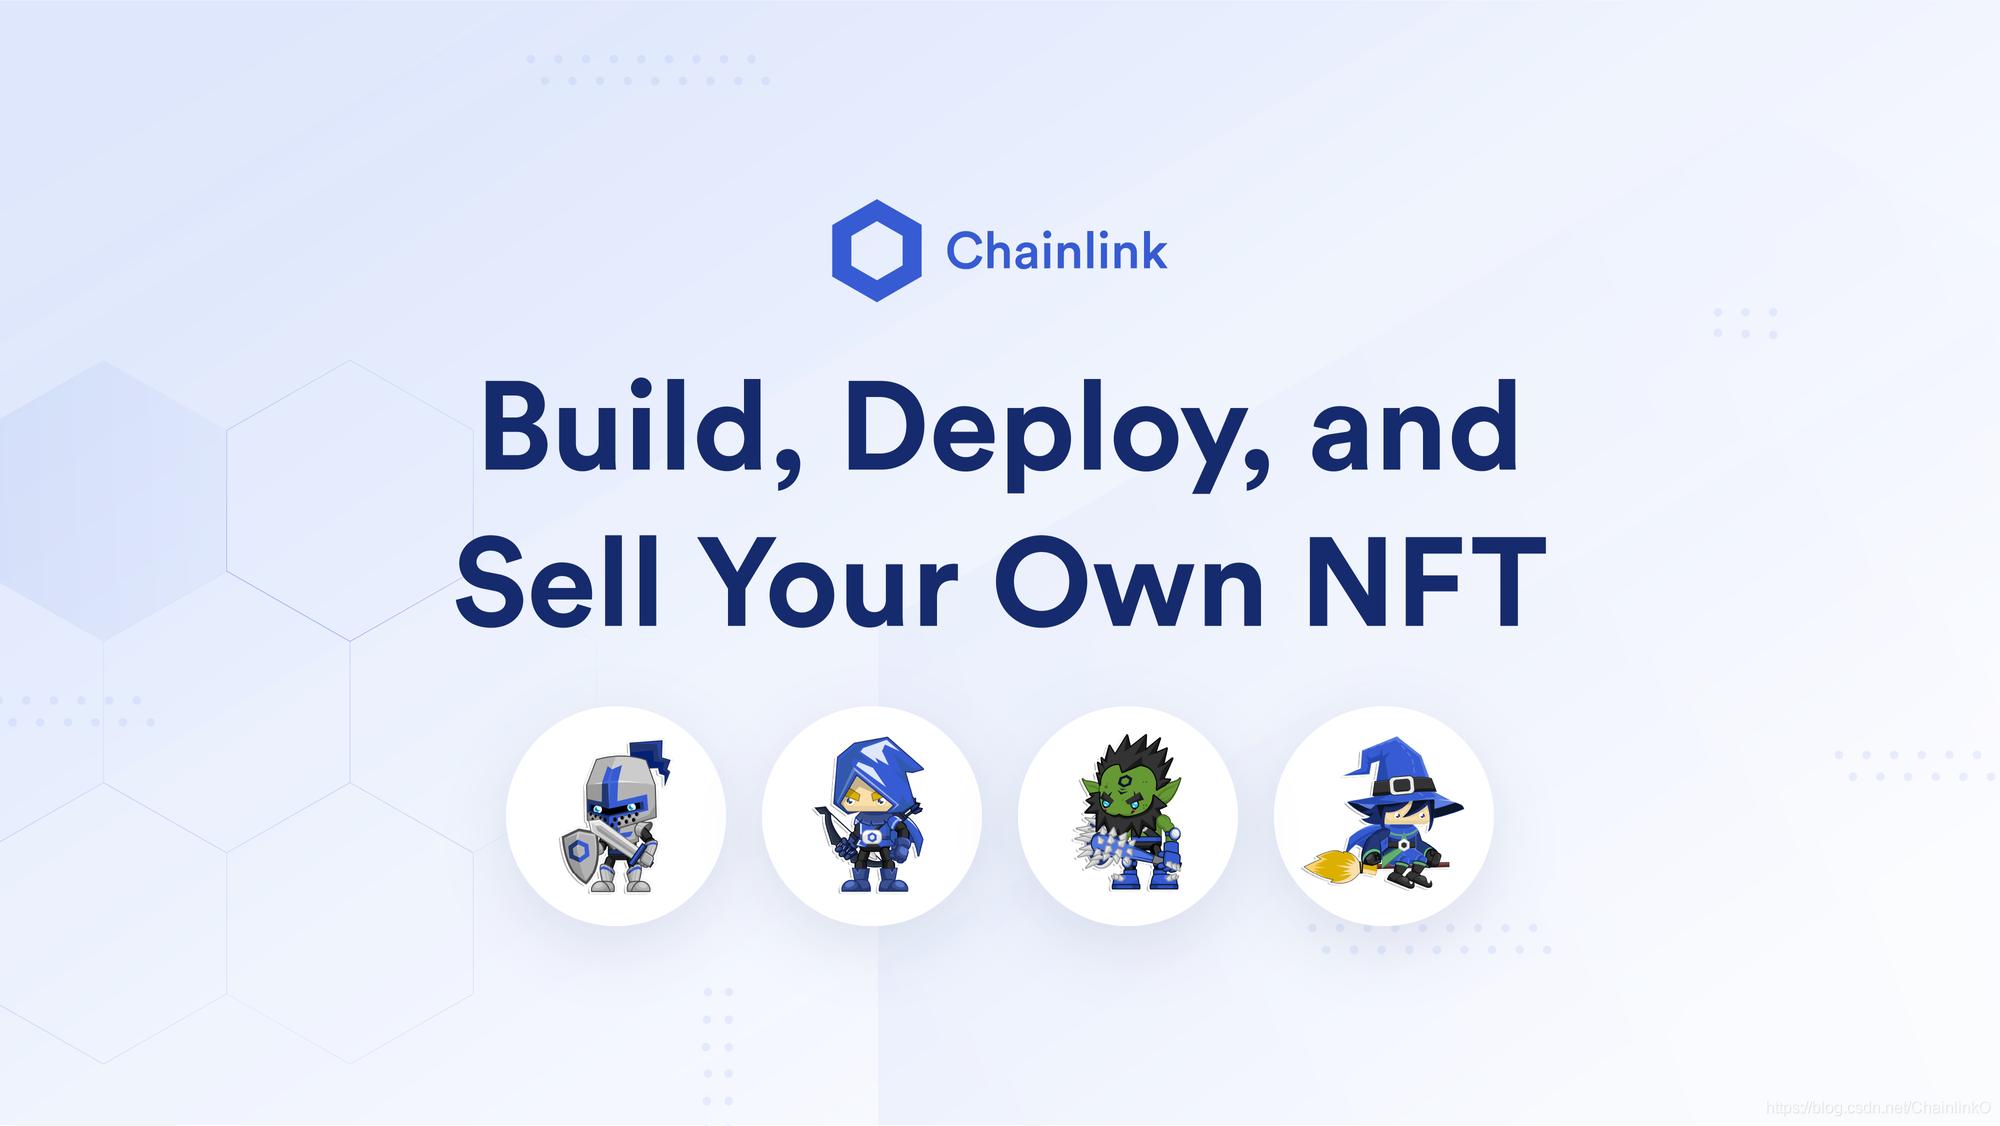 动态NFT的构建、部署和出售